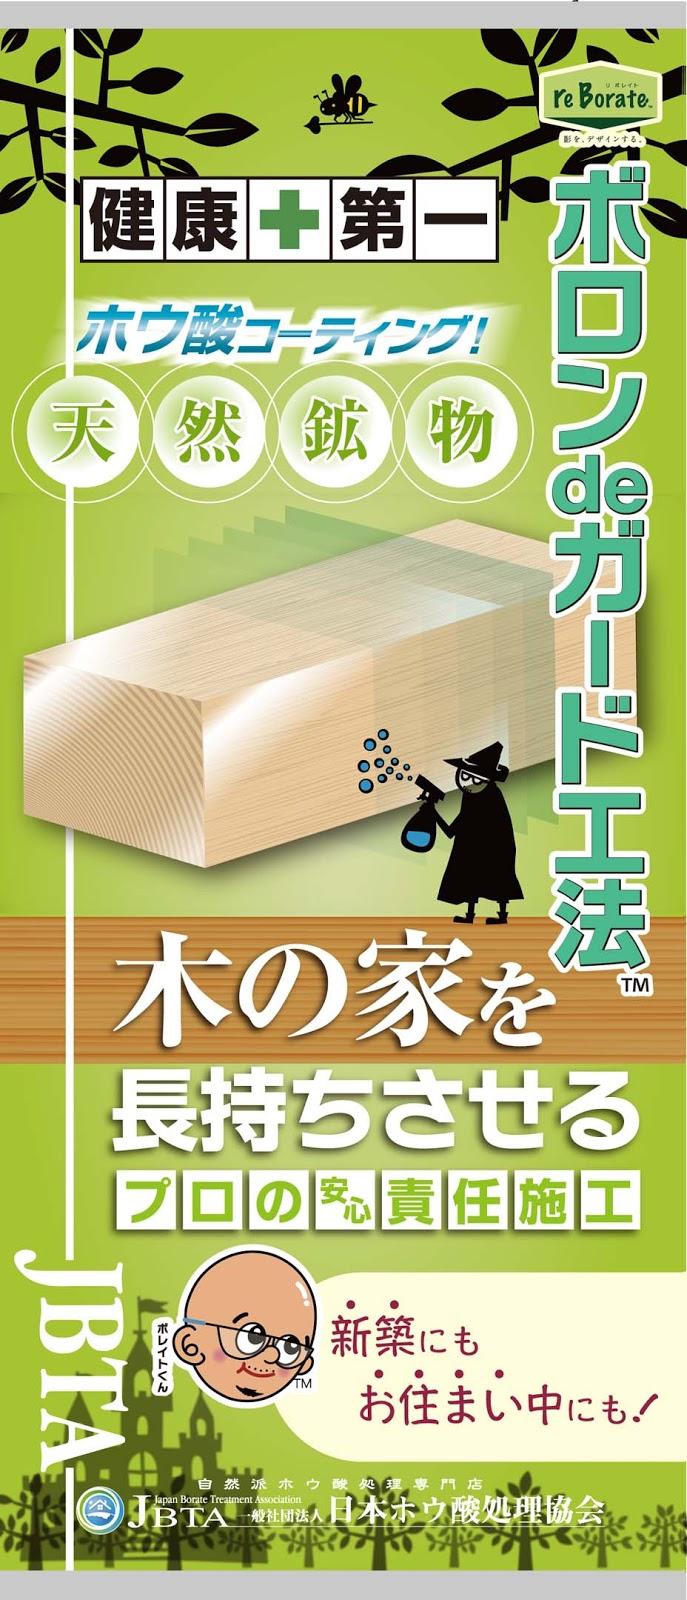 ボロンdeガード工法 日本ボレイト